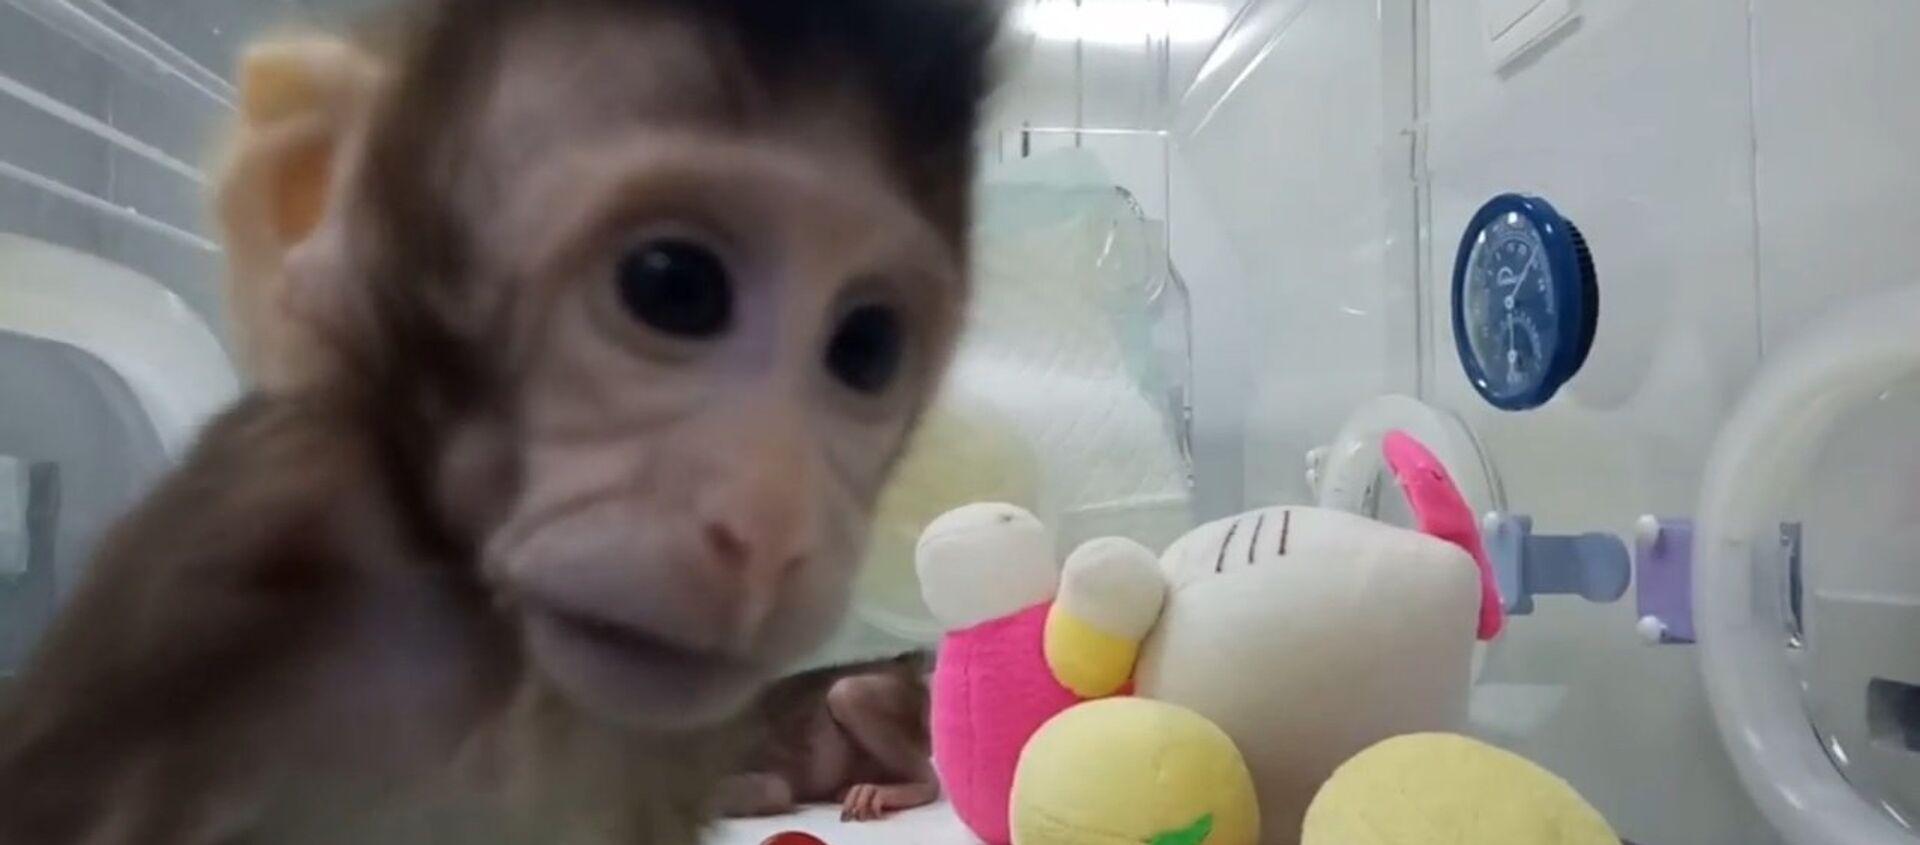 Китайские ученые показали первых в мире клонированных приматов - Sputnik Таджикистан, 1920, 26.01.2018